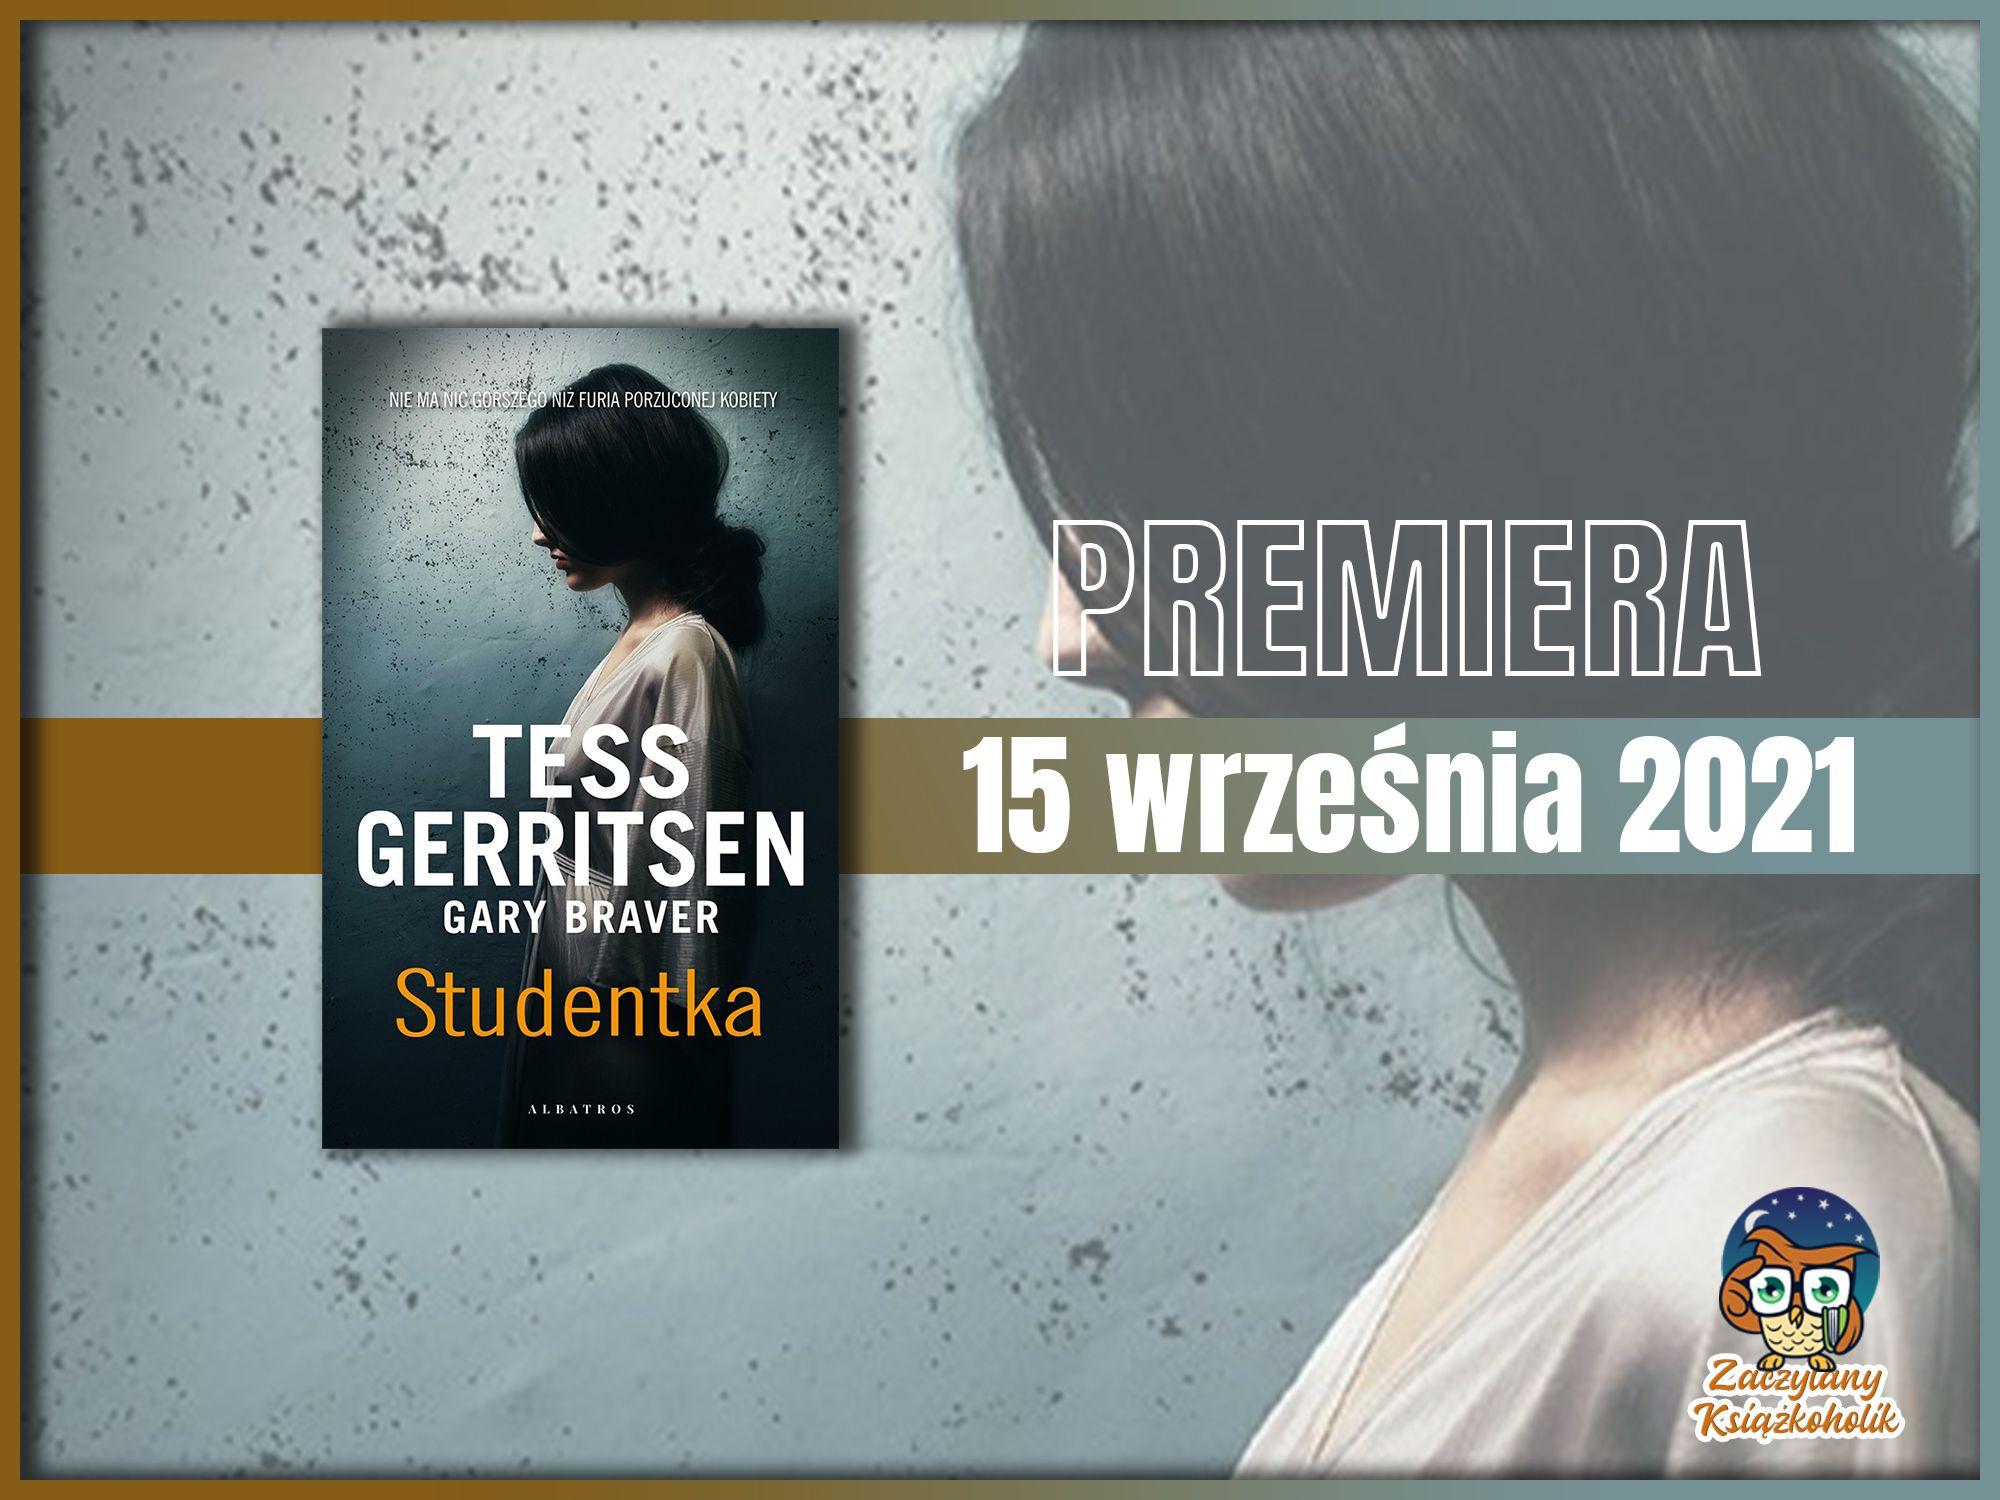 Studentka, Tess Gerristen Gary Braver, zaczytanyksiazkoholik.pl